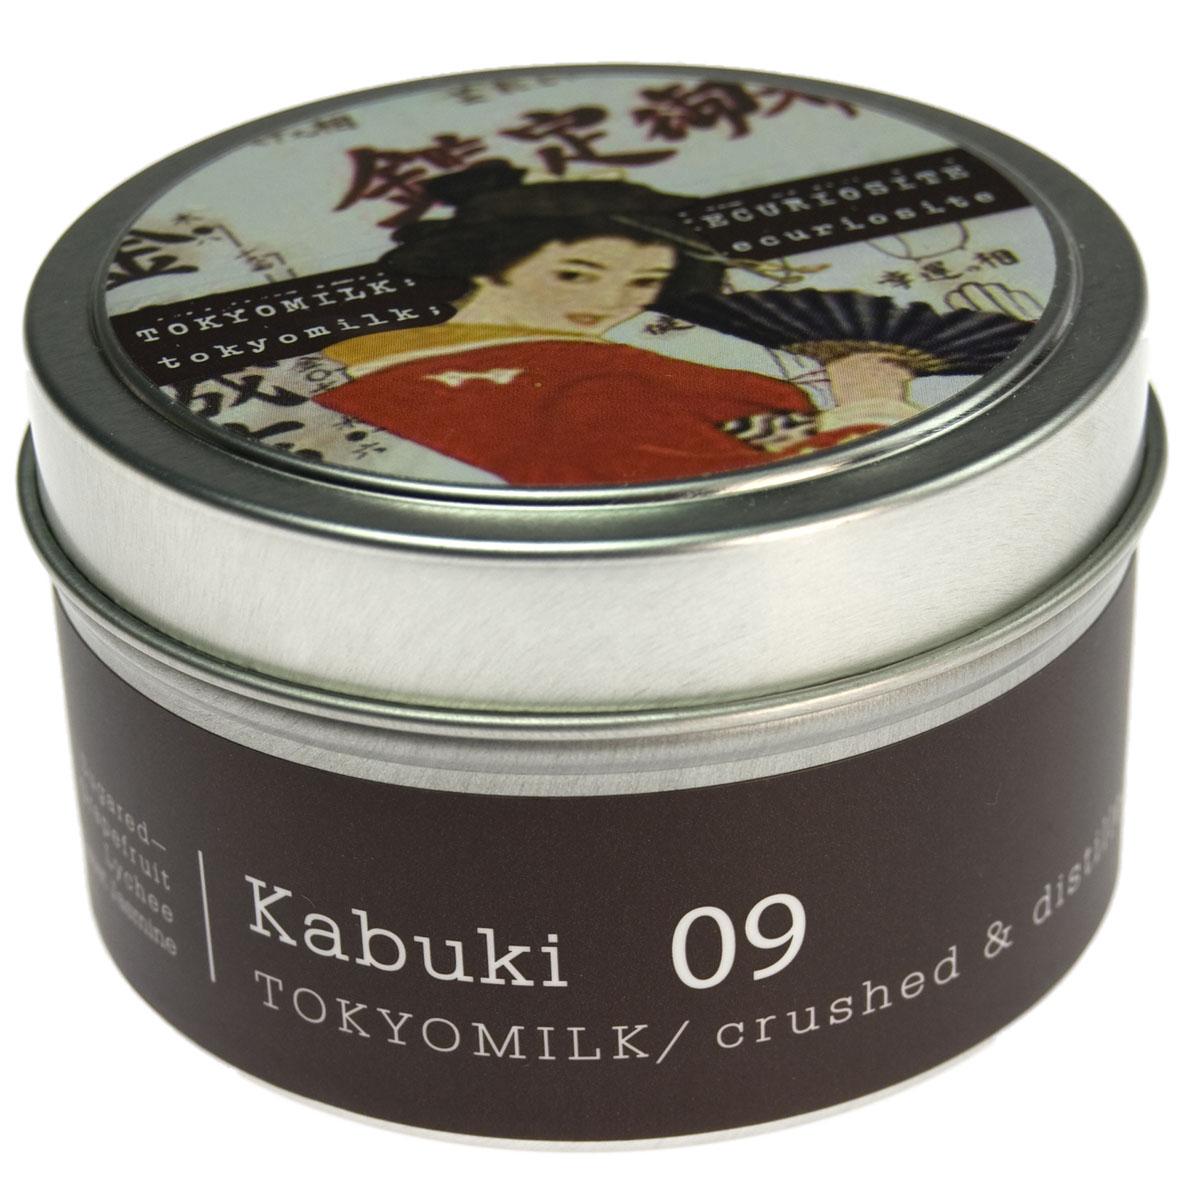 TokyoMilk Свеча ароматизированная Кабуки, 163 гTKM16Q9Ароматическая свеча TokyoMilk Кабуки сочетает в себе волшебные образы и изысканные ароматы оригинальной коллекции Parfumarie Curiosite, изготовлена из соевого воска и горит равномерно и долго. Благодаря удобной упаковке её можно взять с собой и воссоздать неповторимую атмосферу, где бы вы ни находились, даже в самых дальних путешествиях. Традиция, проверенная временем: засахаренный грейпфрут, личи и сладкий жасмин.